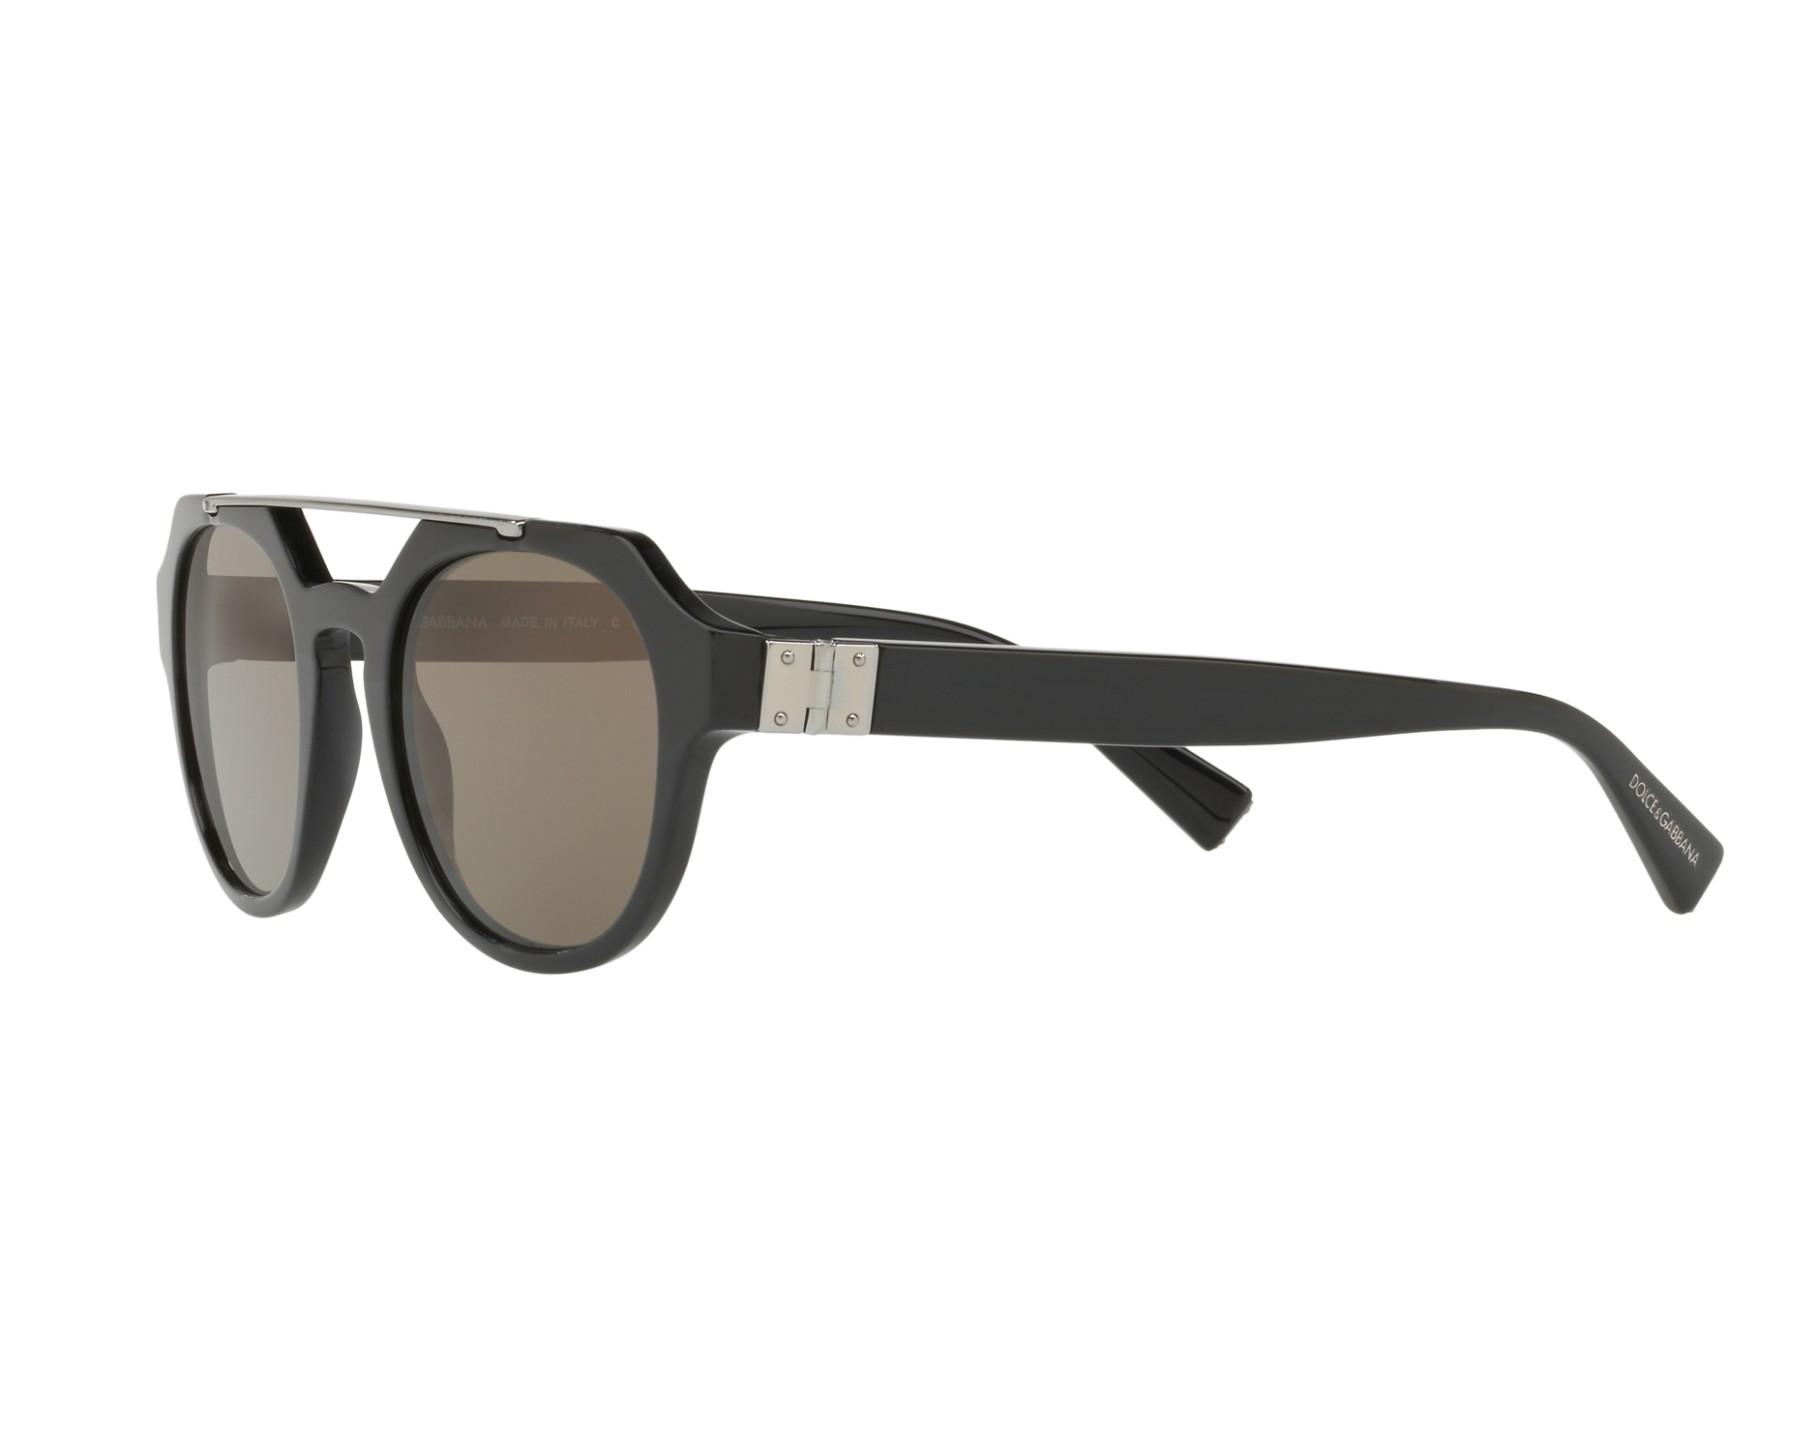 Dolce & Gabbana DG4313 3145R5 50-22 OA5tYm